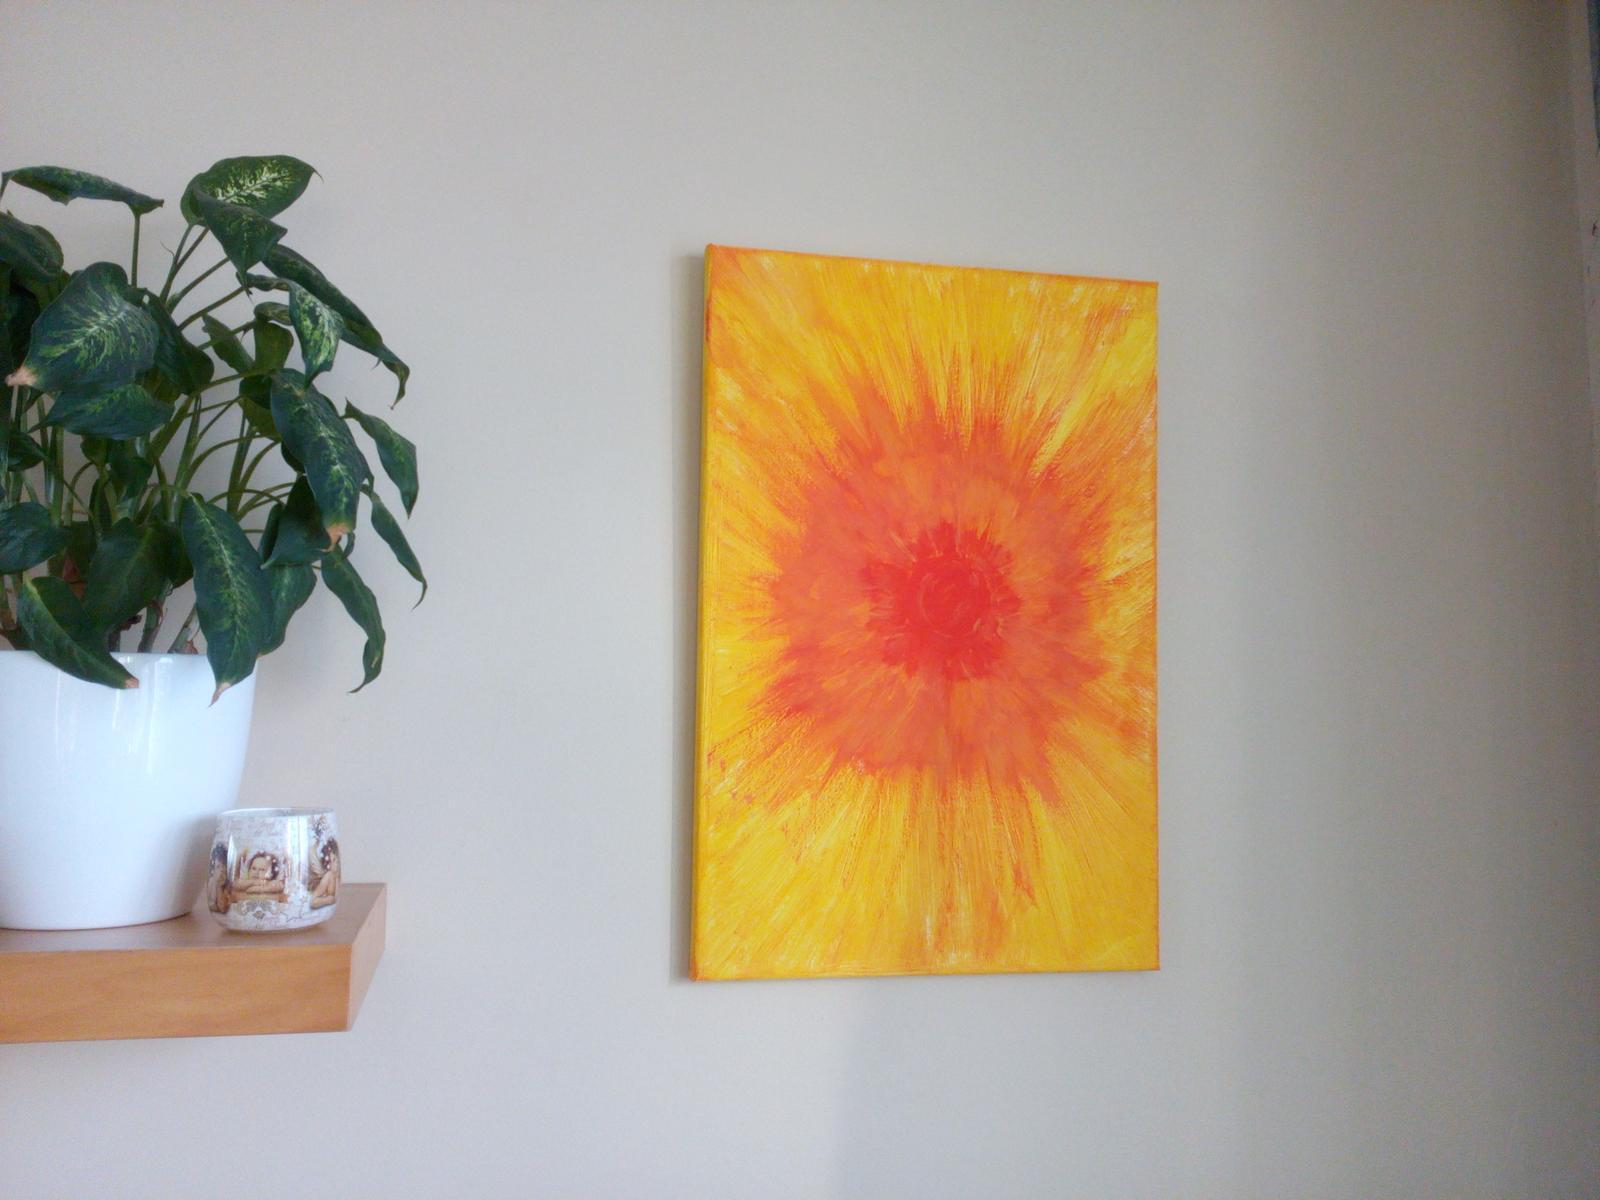 Moja druhá izba v Bratislave - Maľoval som obraz.